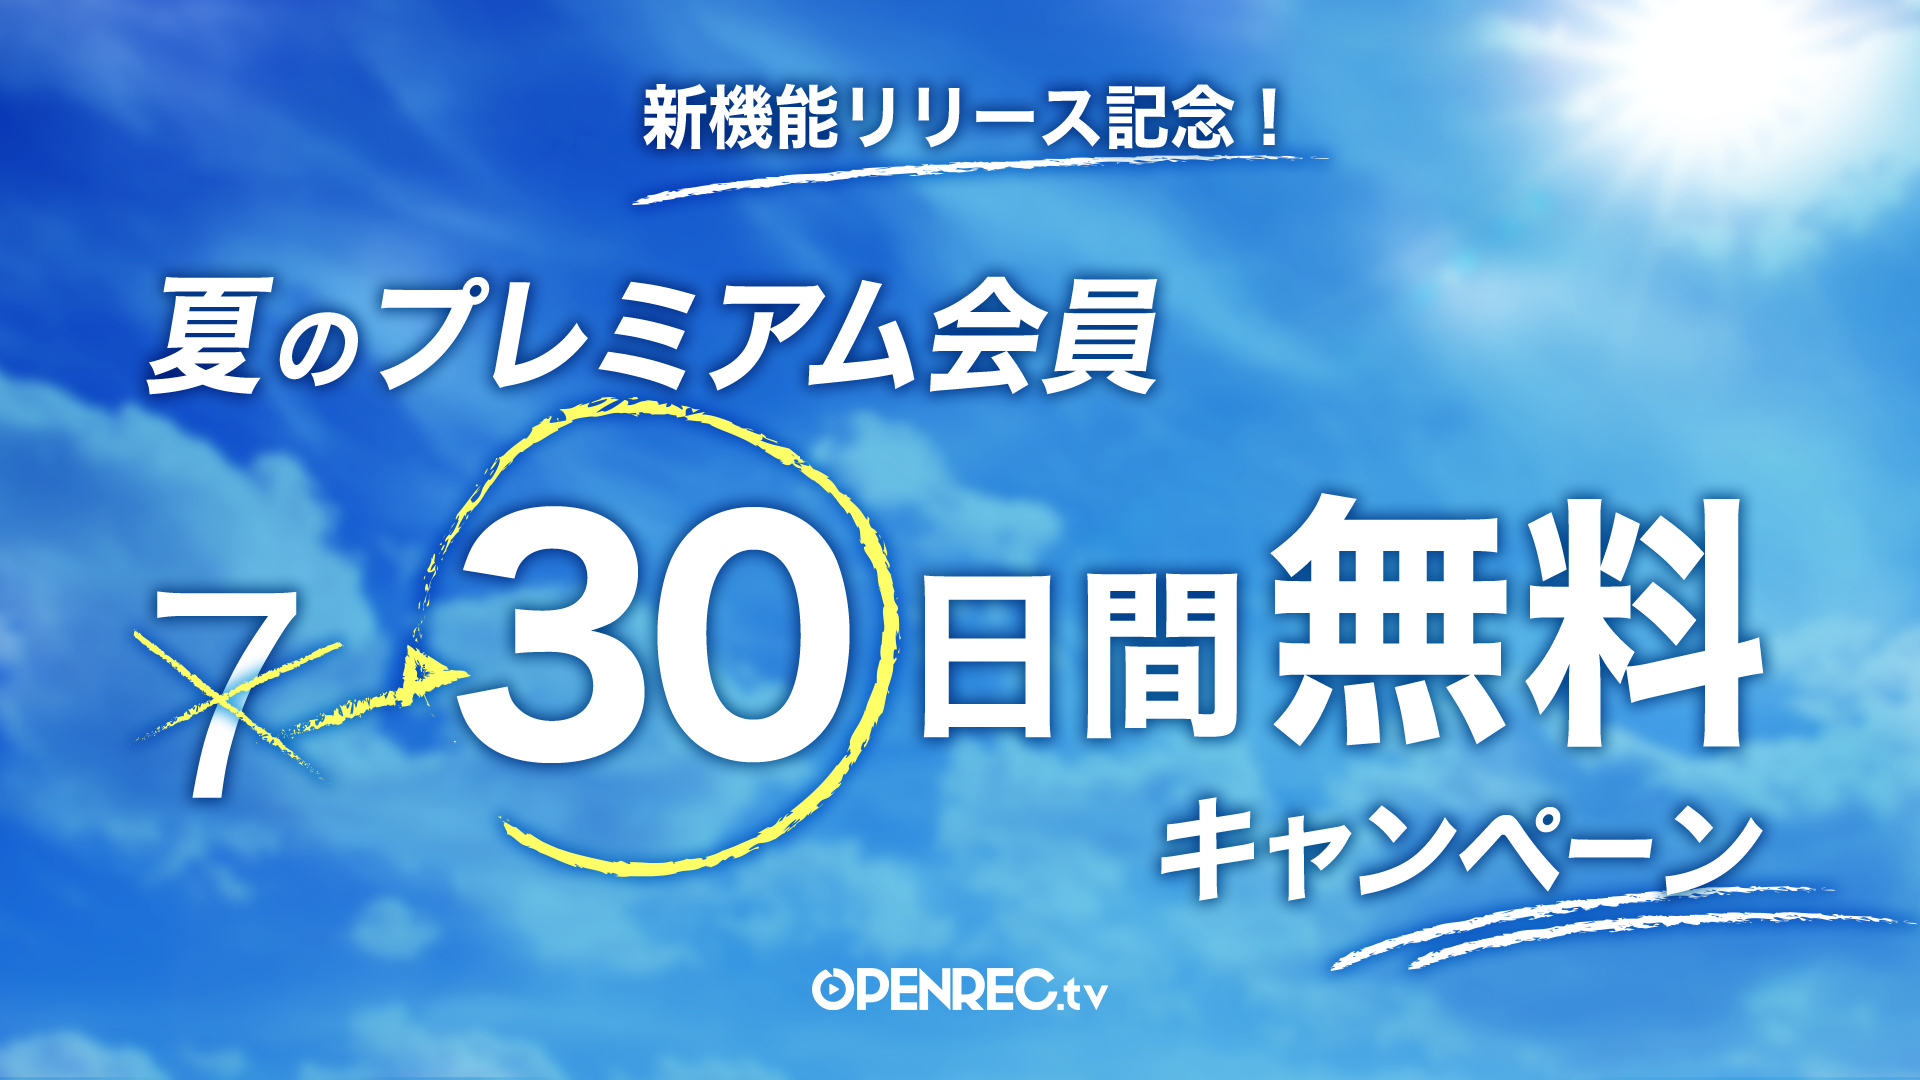 【キャンペーン終了まで残り2週間】新機能(DVR機能)リリース記念!プレミアム会員30日間無料キャンペーン開催!